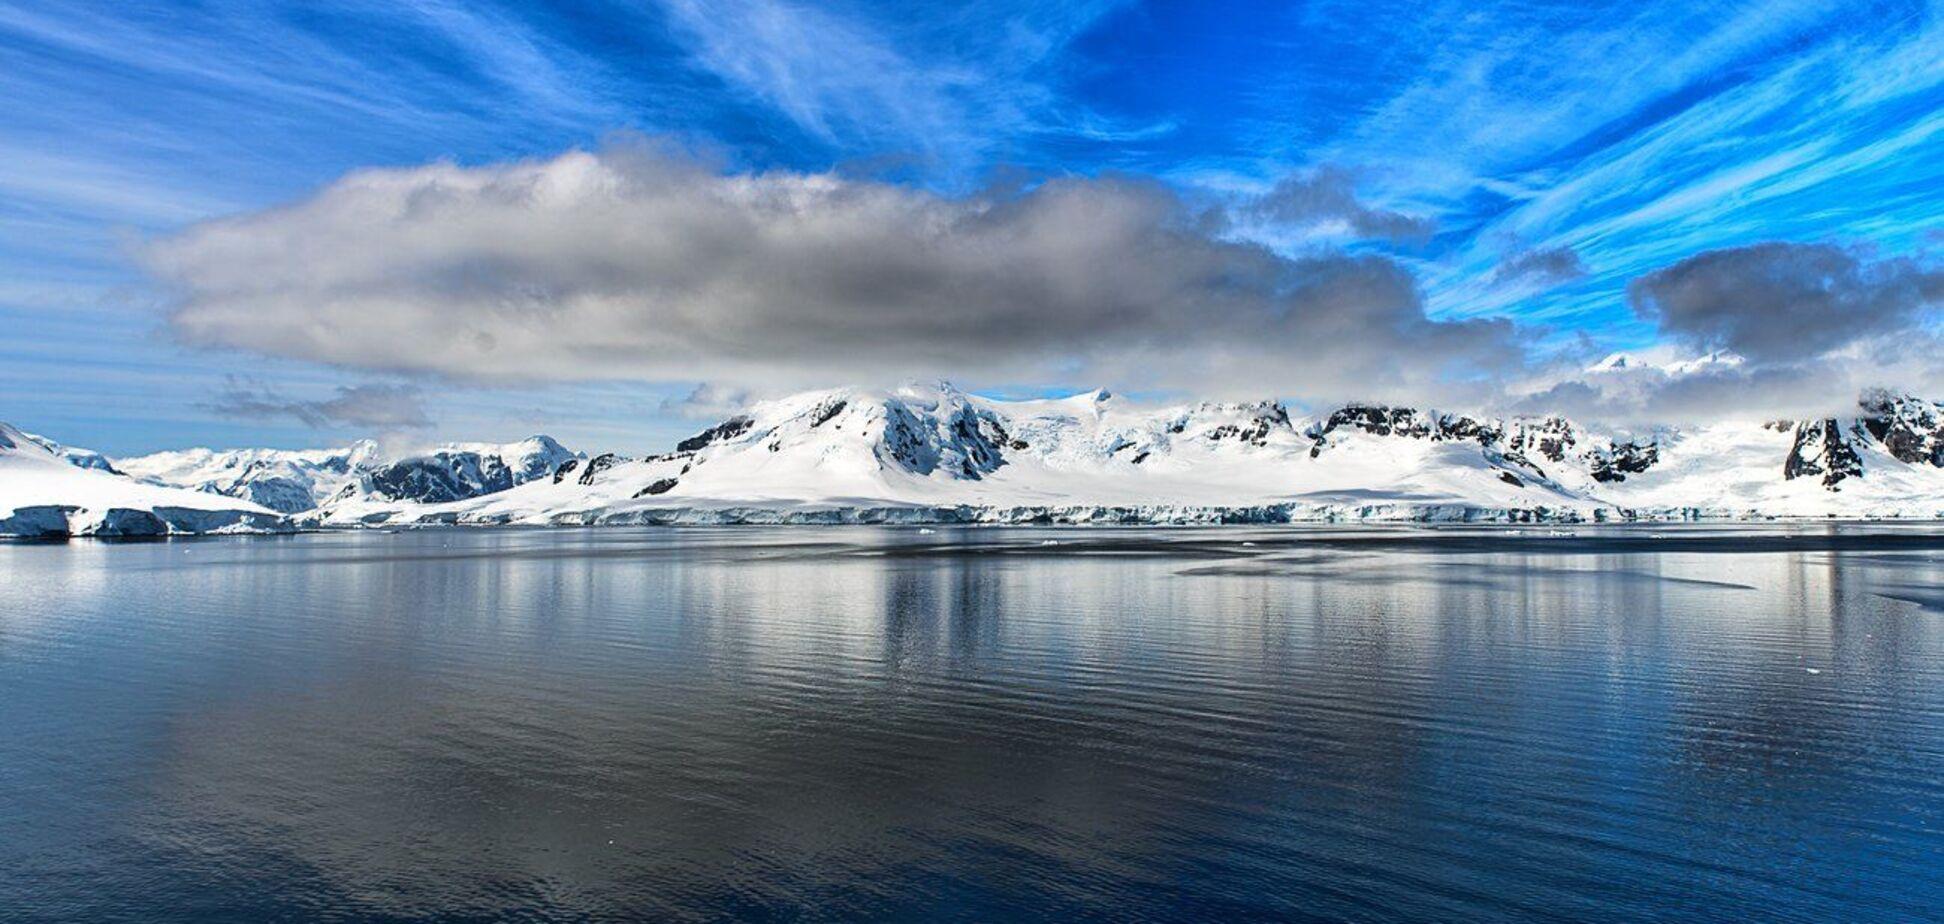 National Geographic визнав існування п'ятого океану – Південного